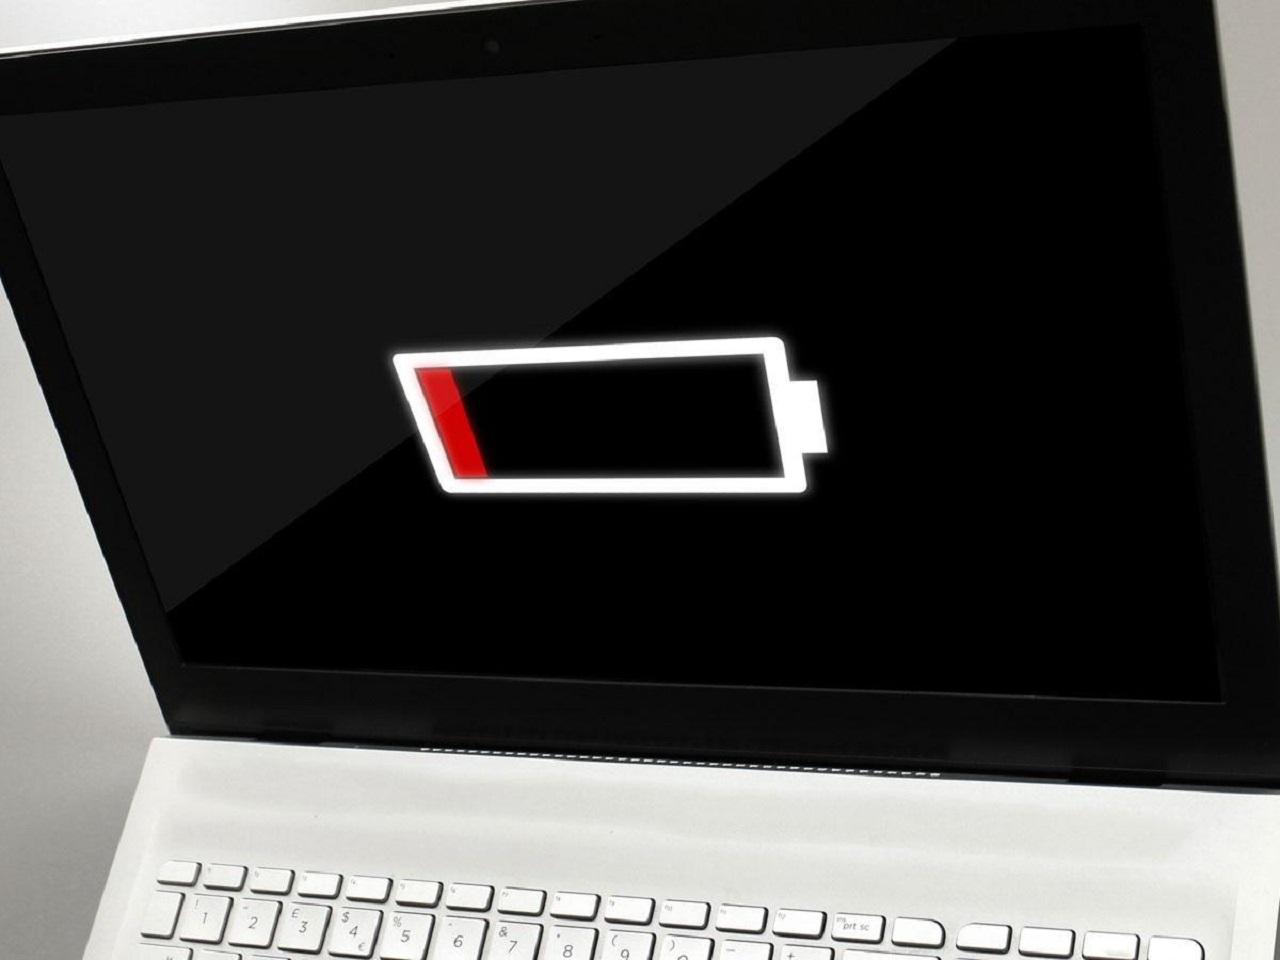 رفع مشکل عدم شارژ باتری لپتاپ هنگام اتصال به برق در ویندوز 10